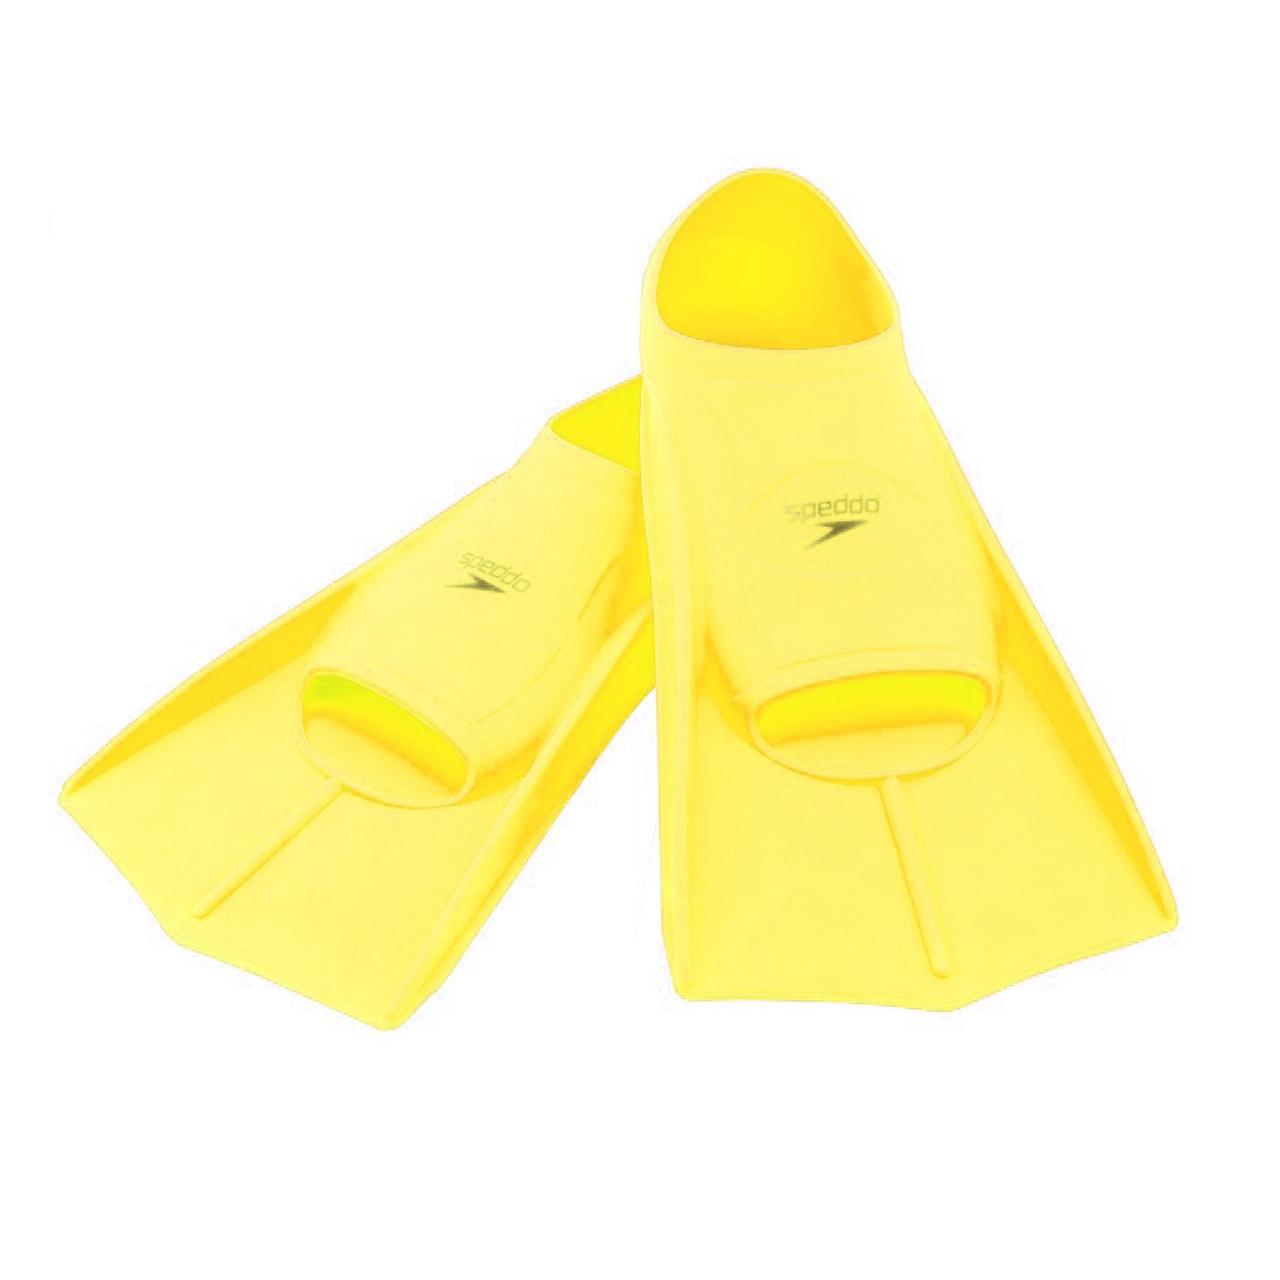 فین شنای اسپدوی مدل تمرینی کوتاه زرد سایز 35-36